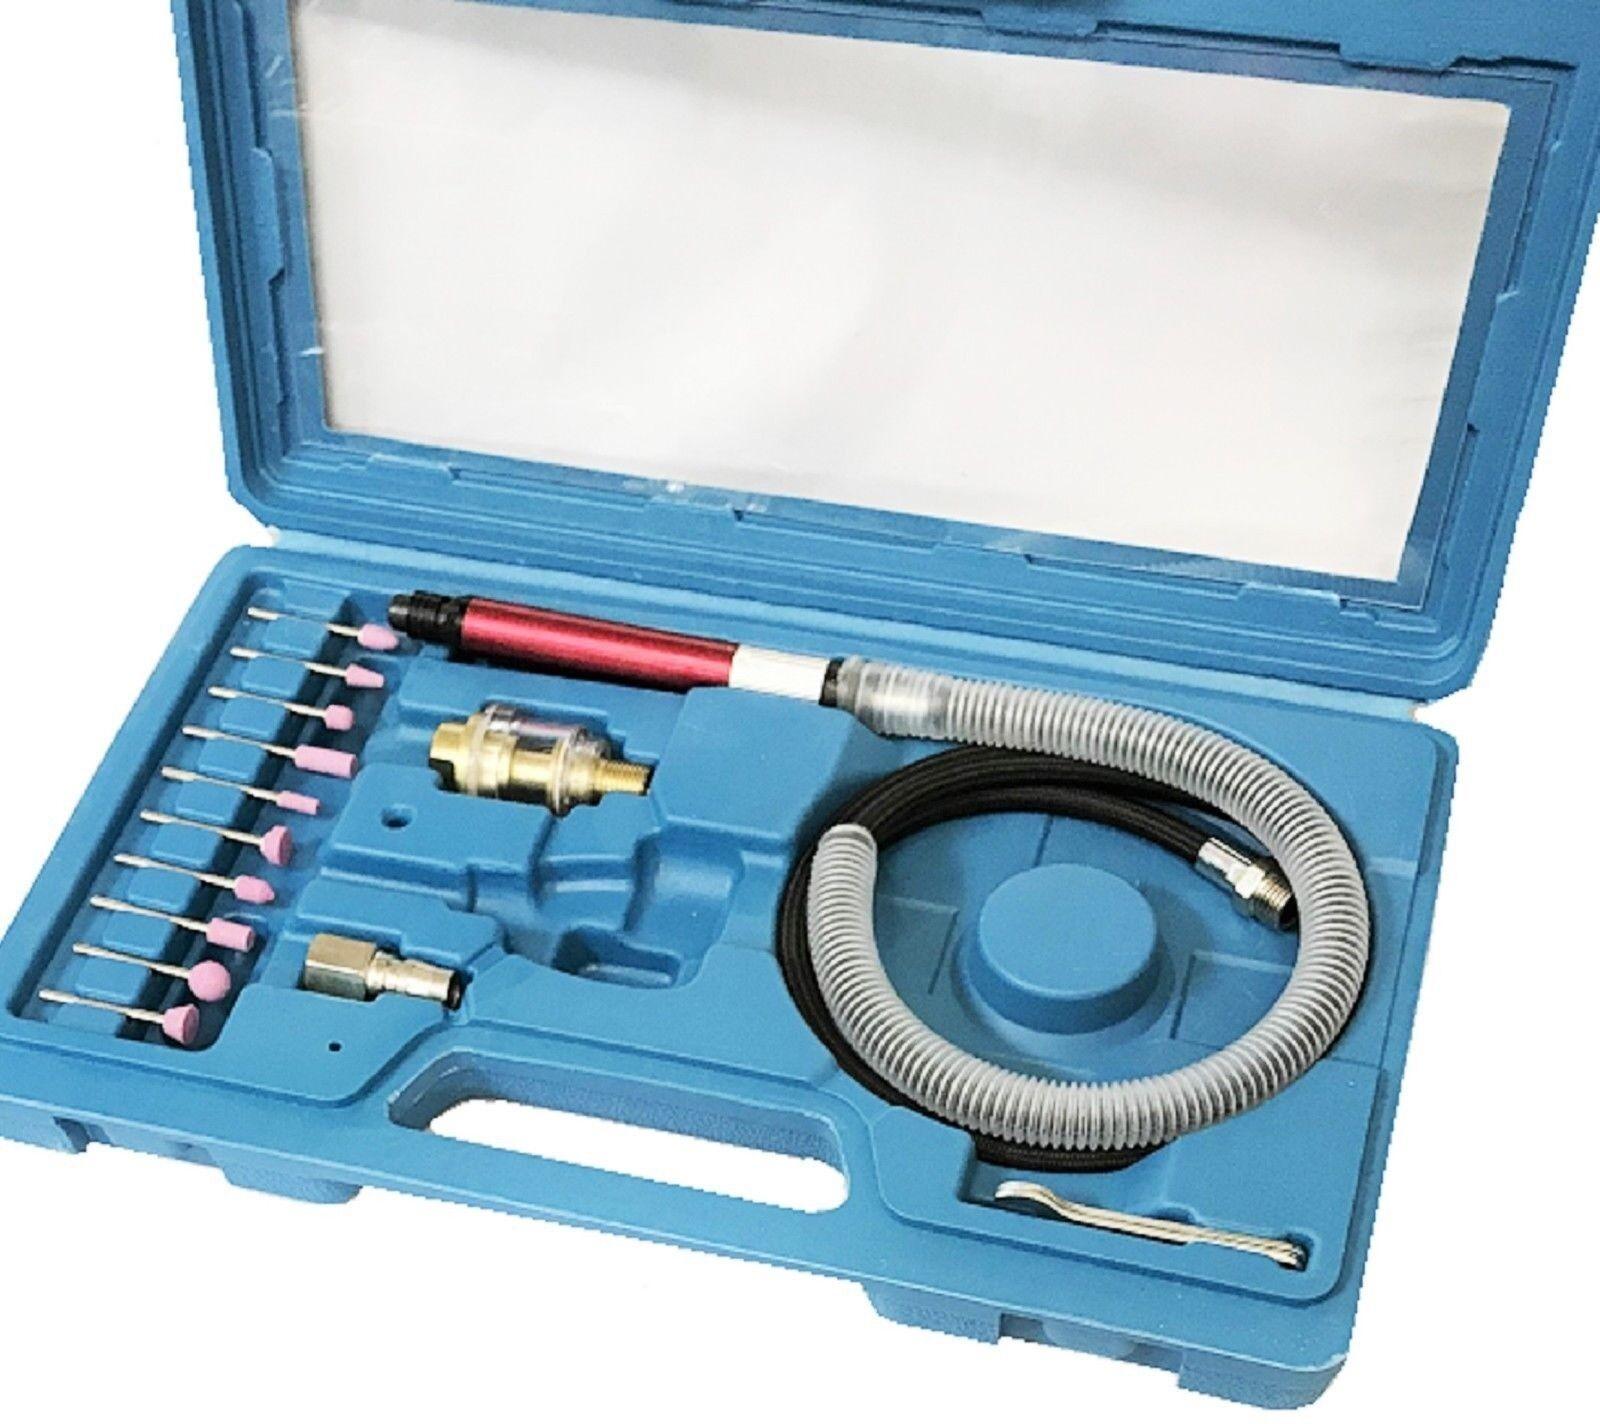 10855 wwu2368 Air Powered Flex Shaft Die Grinder (16 Piece Kit)